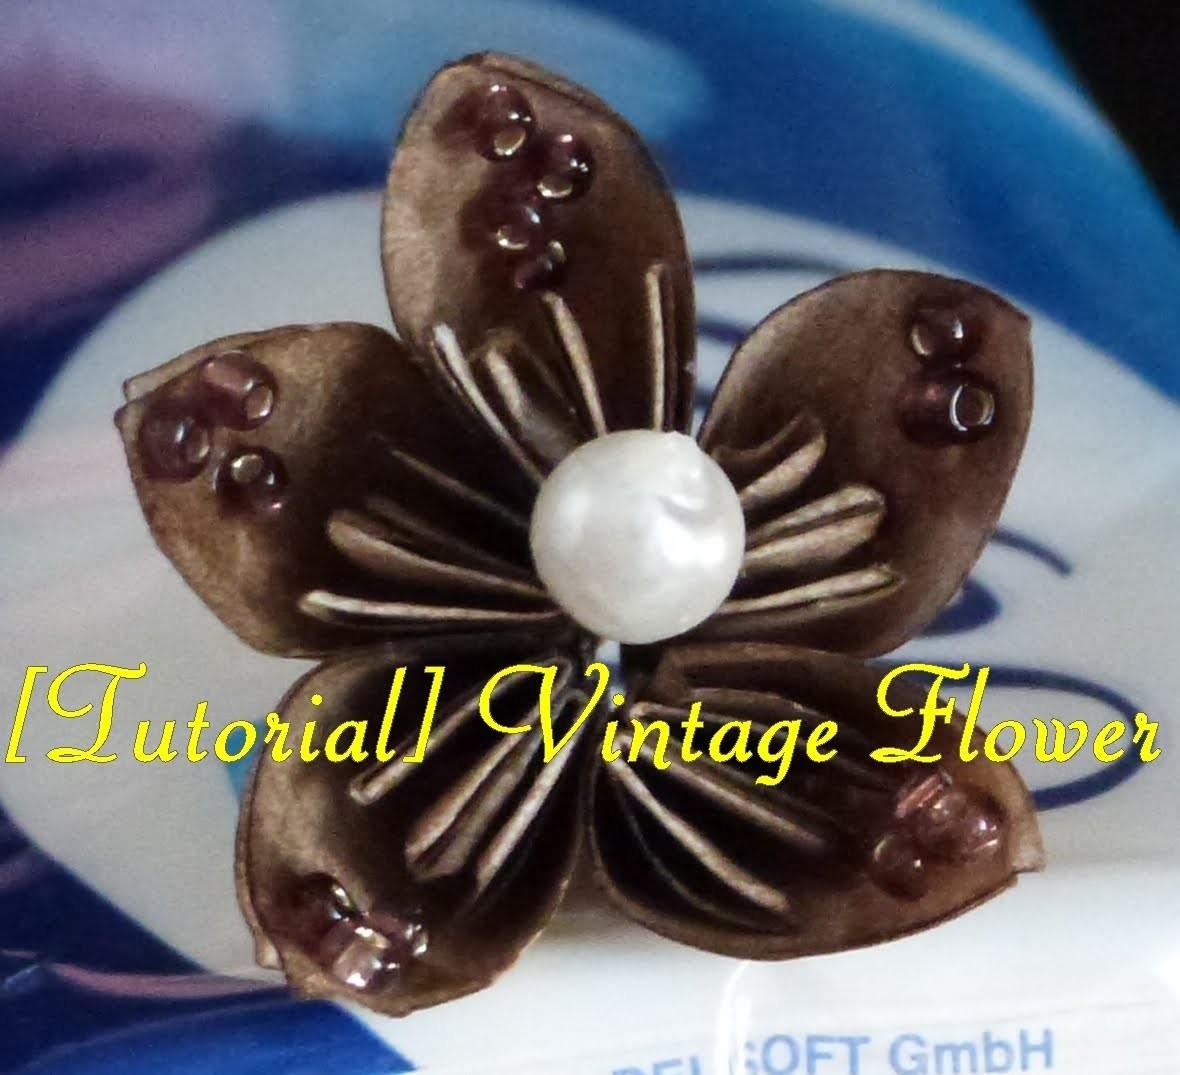 [Tutorial] Vintage-Flower